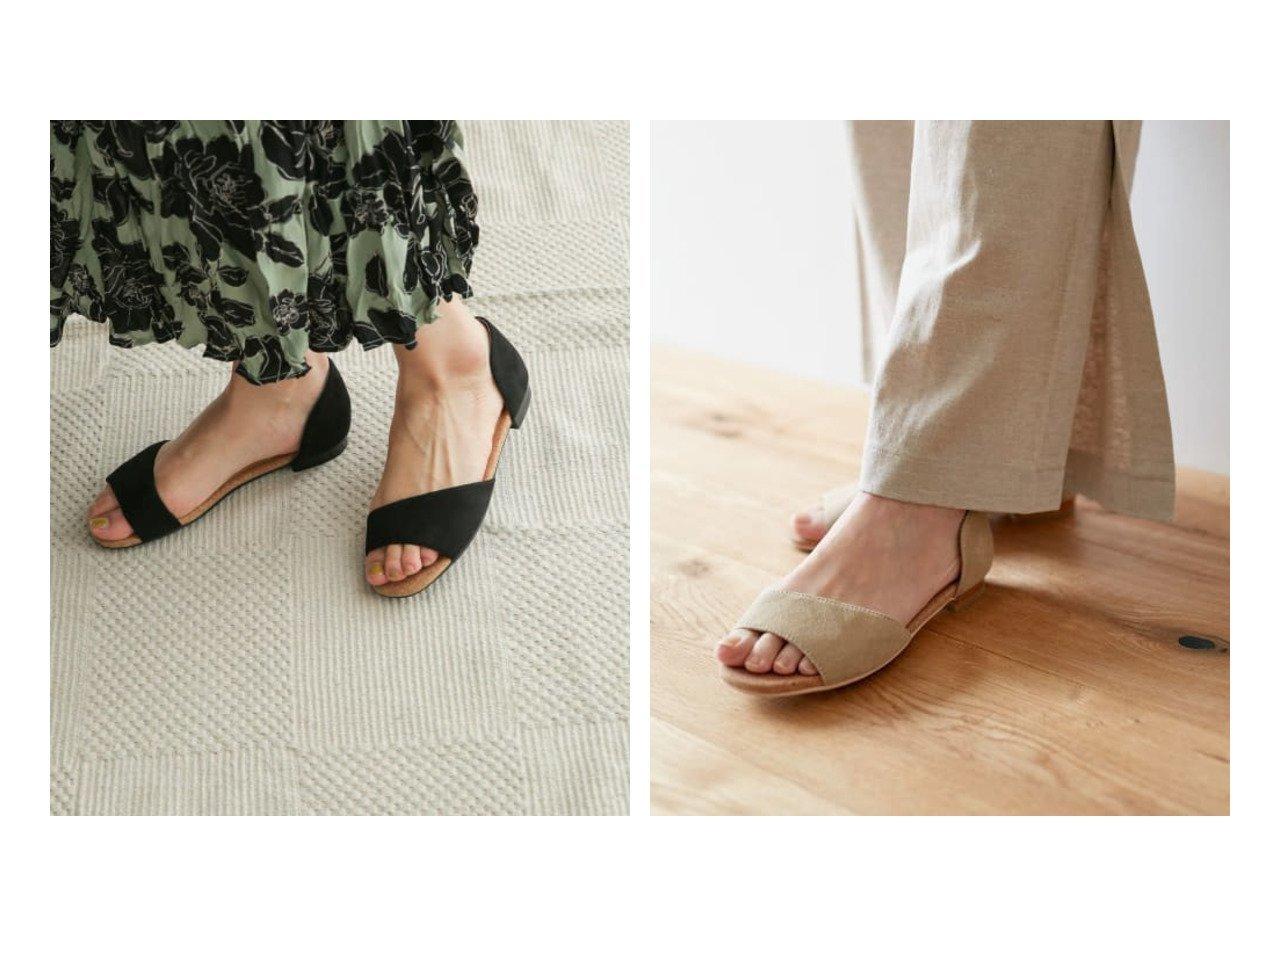 【URBAN RESEARCH DOORS/アーバンリサーチ ドアーズ】のセパレートフラットサンダル 【シューズ・靴】おすすめ!人気トレンド・レディースファッション通販 おすすめで人気の流行・トレンド、ファッションの通販商品 インテリア・家具・メンズファッション・キッズファッション・レディースファッション・服の通販 founy(ファニー) https://founy.com/ ファッション Fashion レディースファッション WOMEN インソール コルク サンダル シューズ セパレート 人気 フラット リゾート リラックス 再入荷 Restock/Back in Stock/Re Arrival 夏 Summer |ID:crp329100000051519